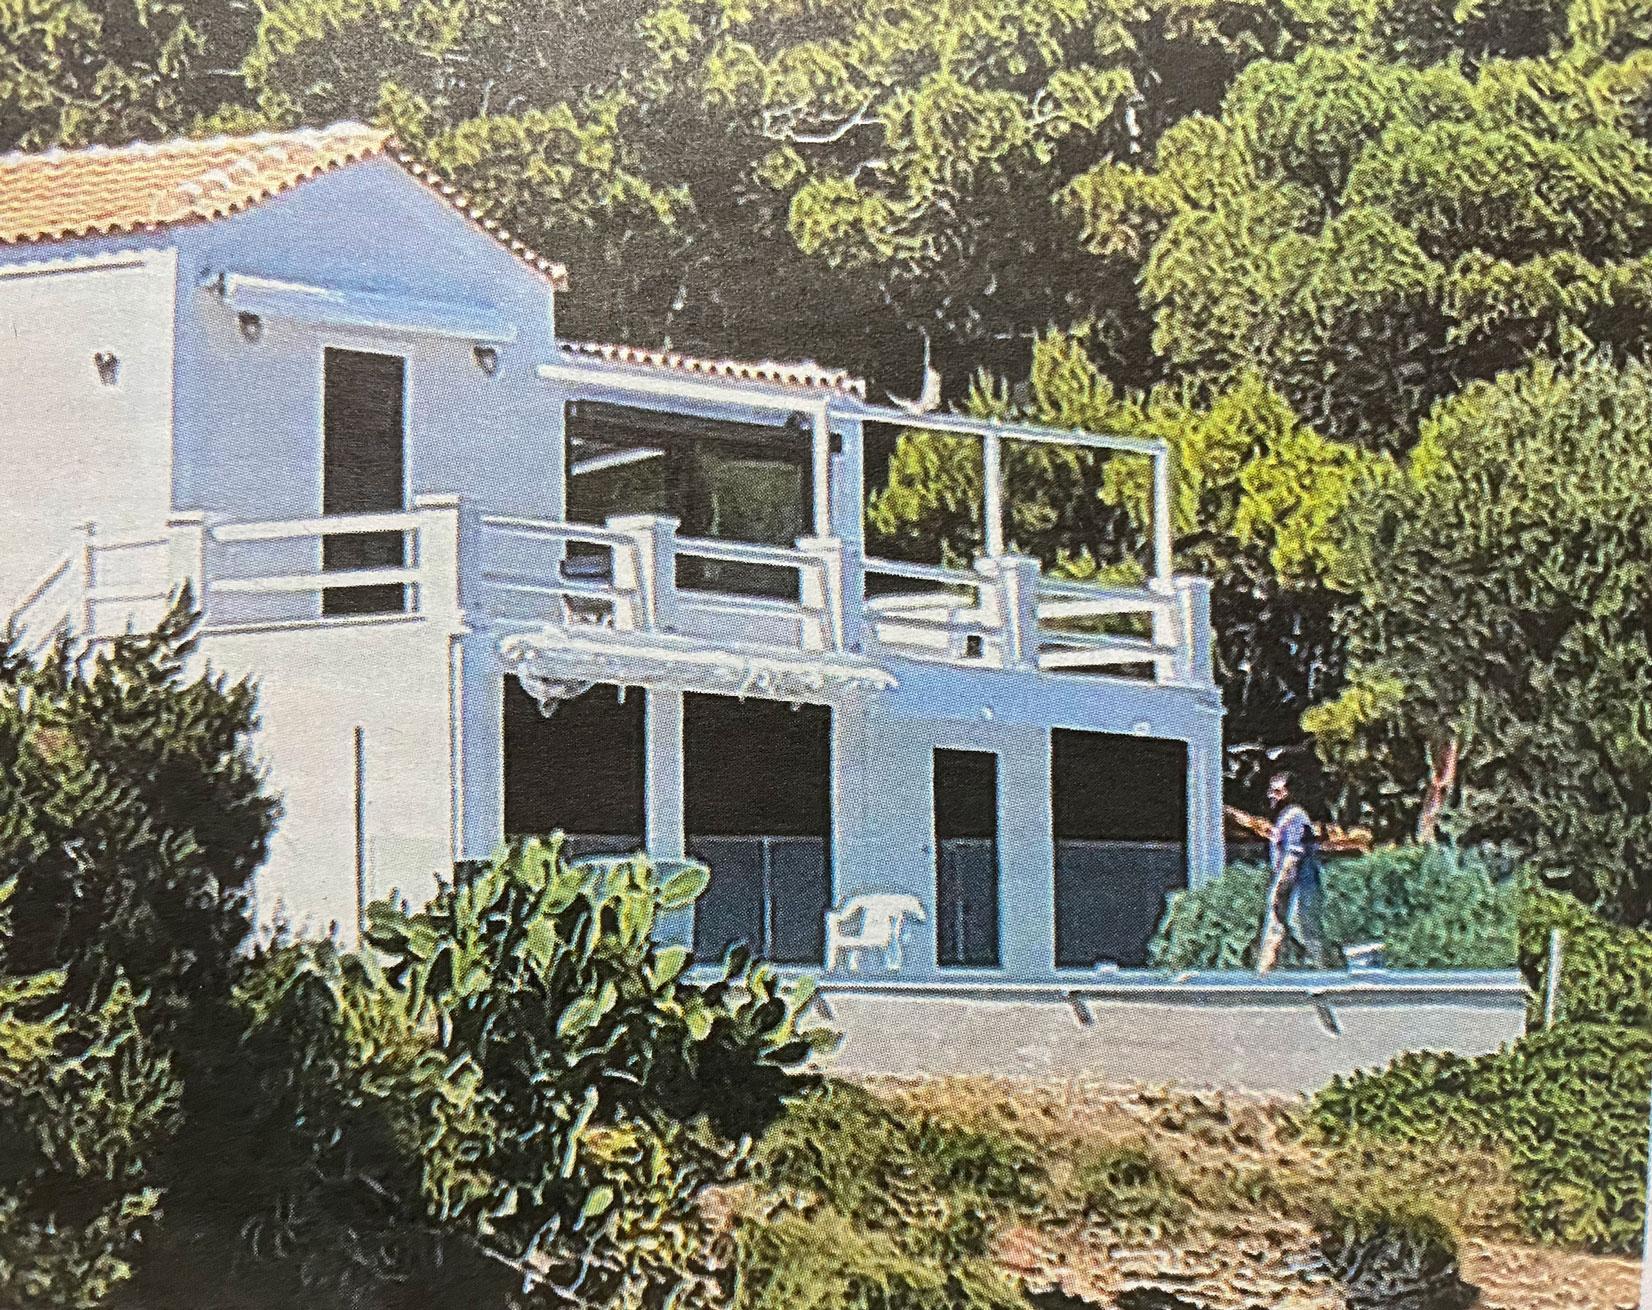 ΝΔ για το σπίτι Τσίπρα στο Σούνιο: Αυτές κι αν είναι ευκαιρίες!